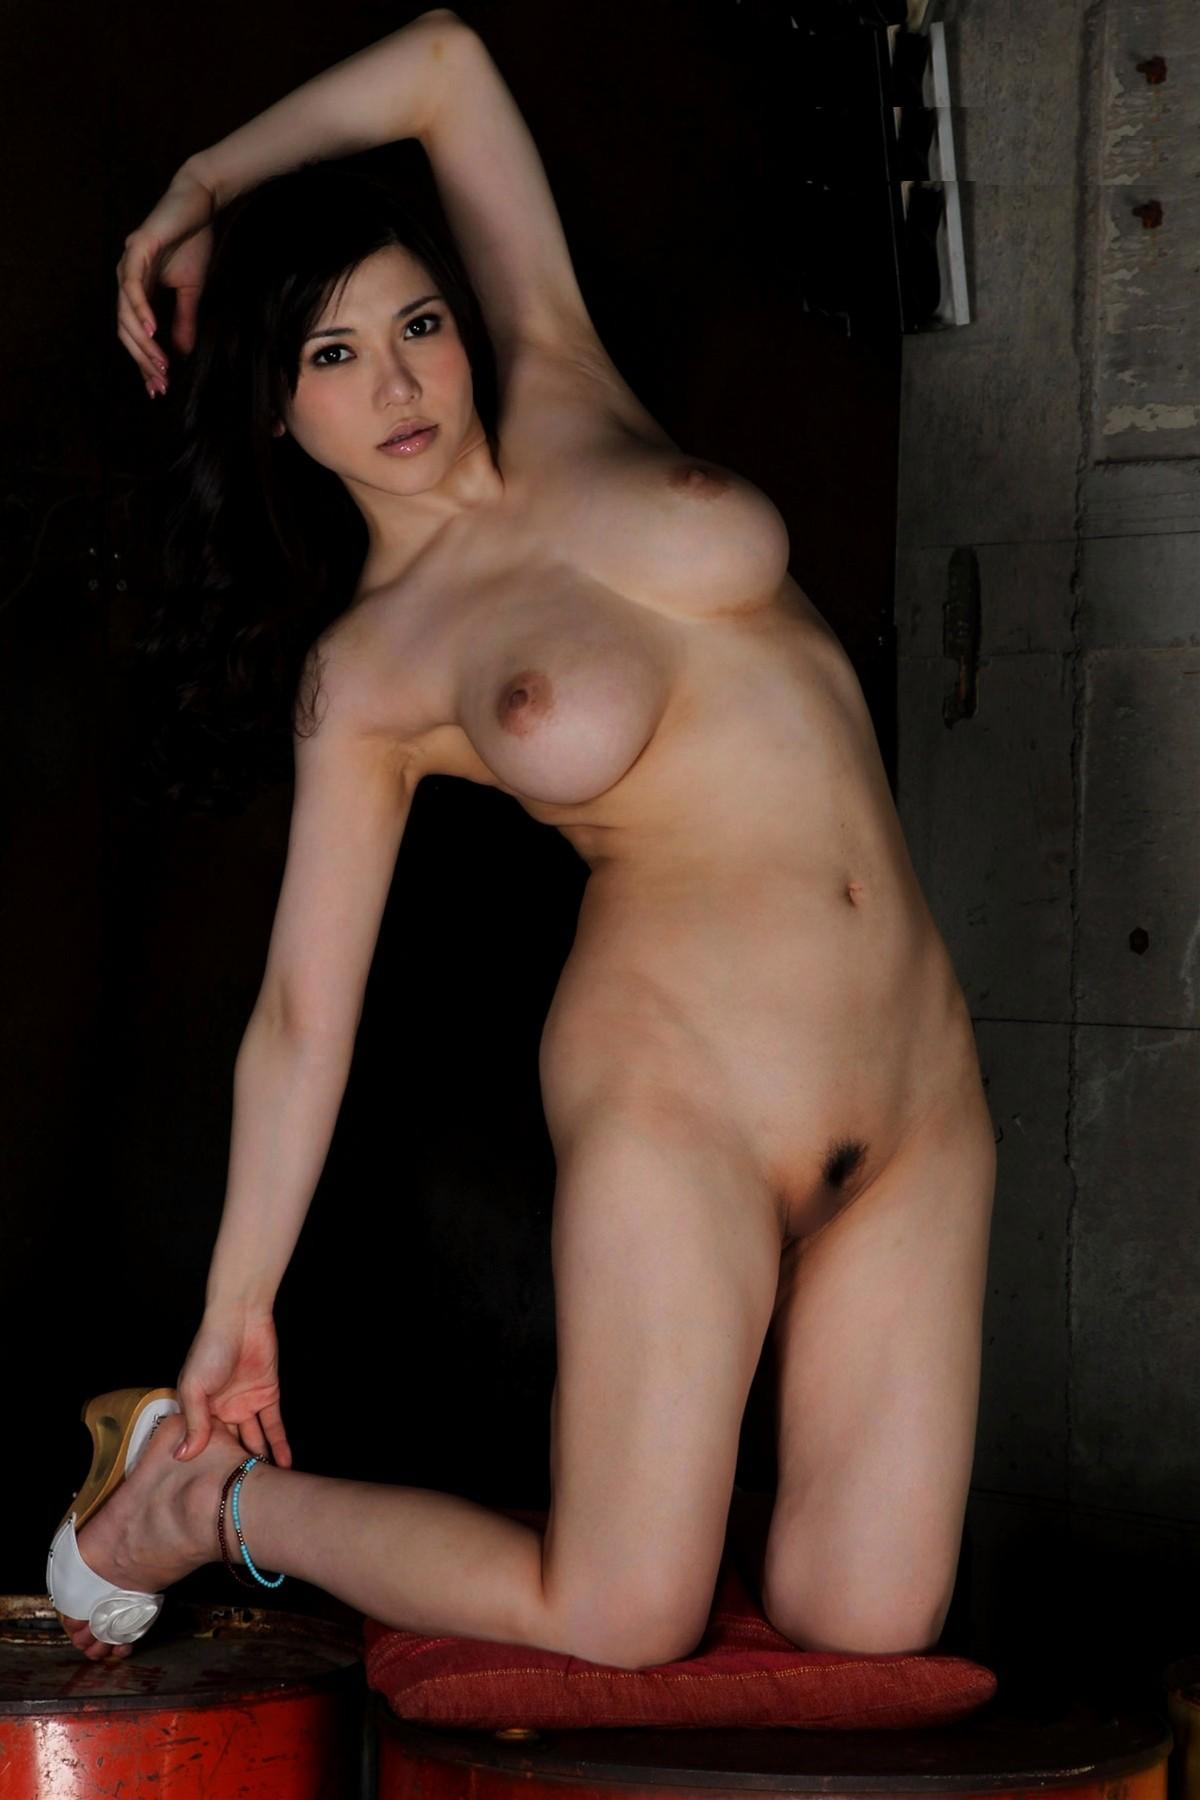 【股間エロ画像】土手までなら許せる!股下は不要とされる淑女の陰毛(*´д`*)